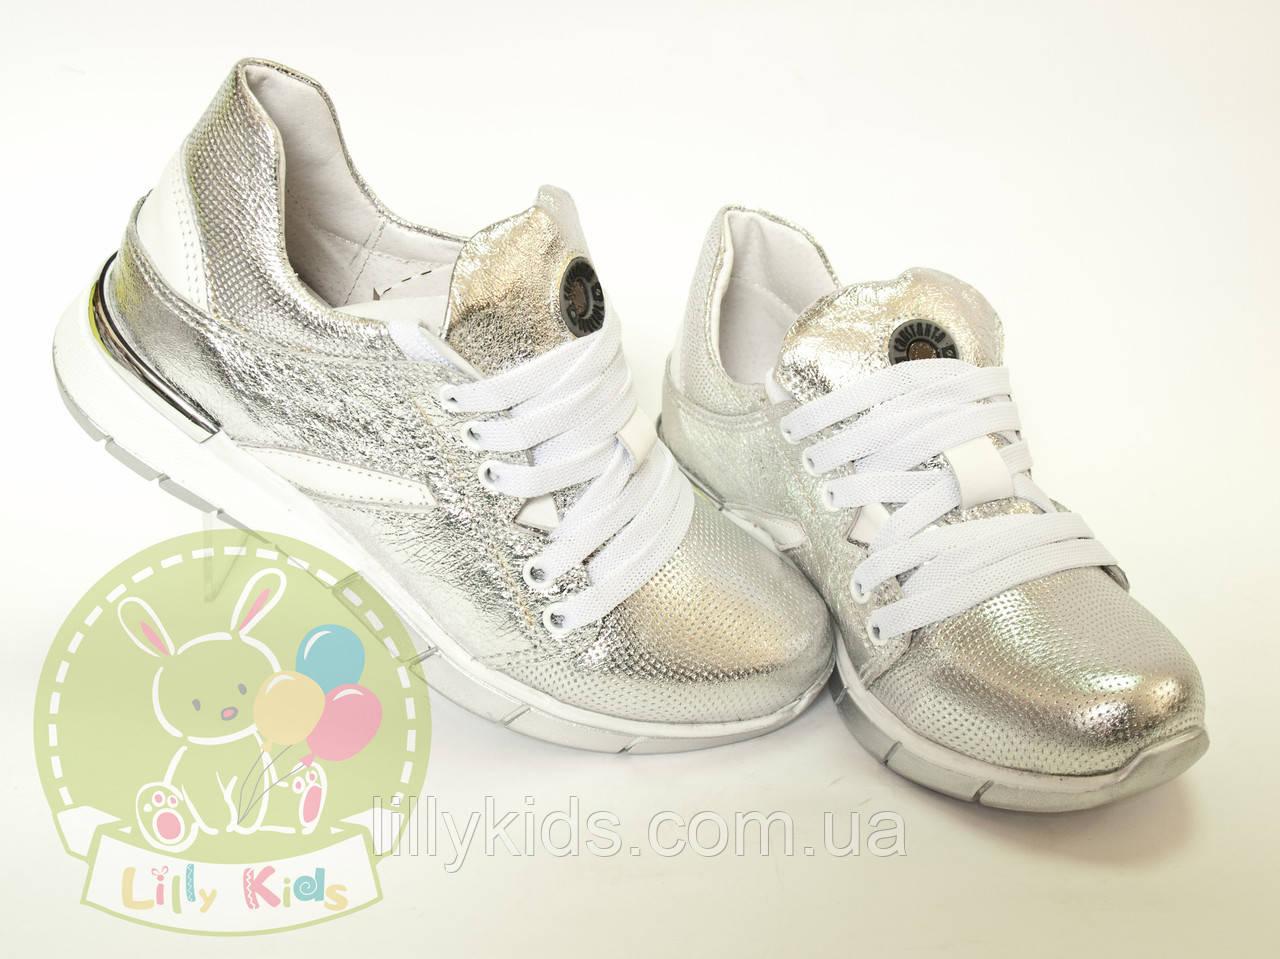 945c8004 Стильные кожаные кроссовки на девочку подростковые. Размер 30,31,32,33,